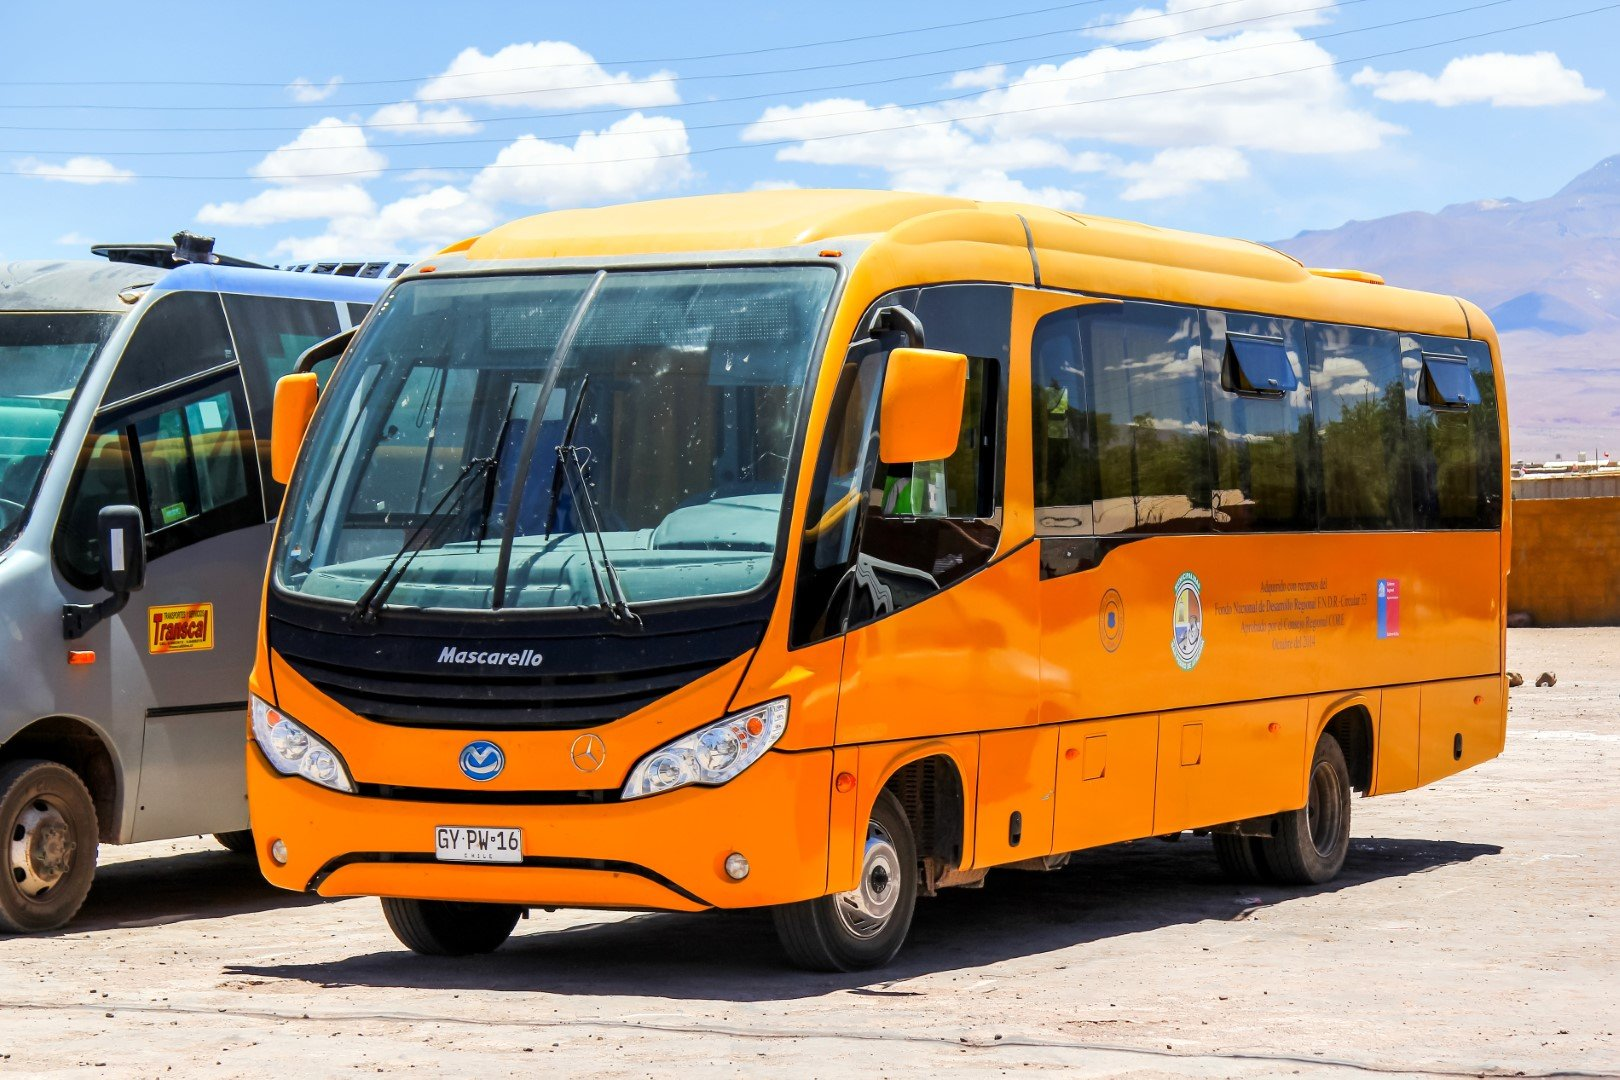 Micro-ônibus são carteira da categoria D: saiba os veículos que você pode dirigir, como obter, manter e renovar cada uma das categorias da CNH, desde a A até a E, passando pela ACC.